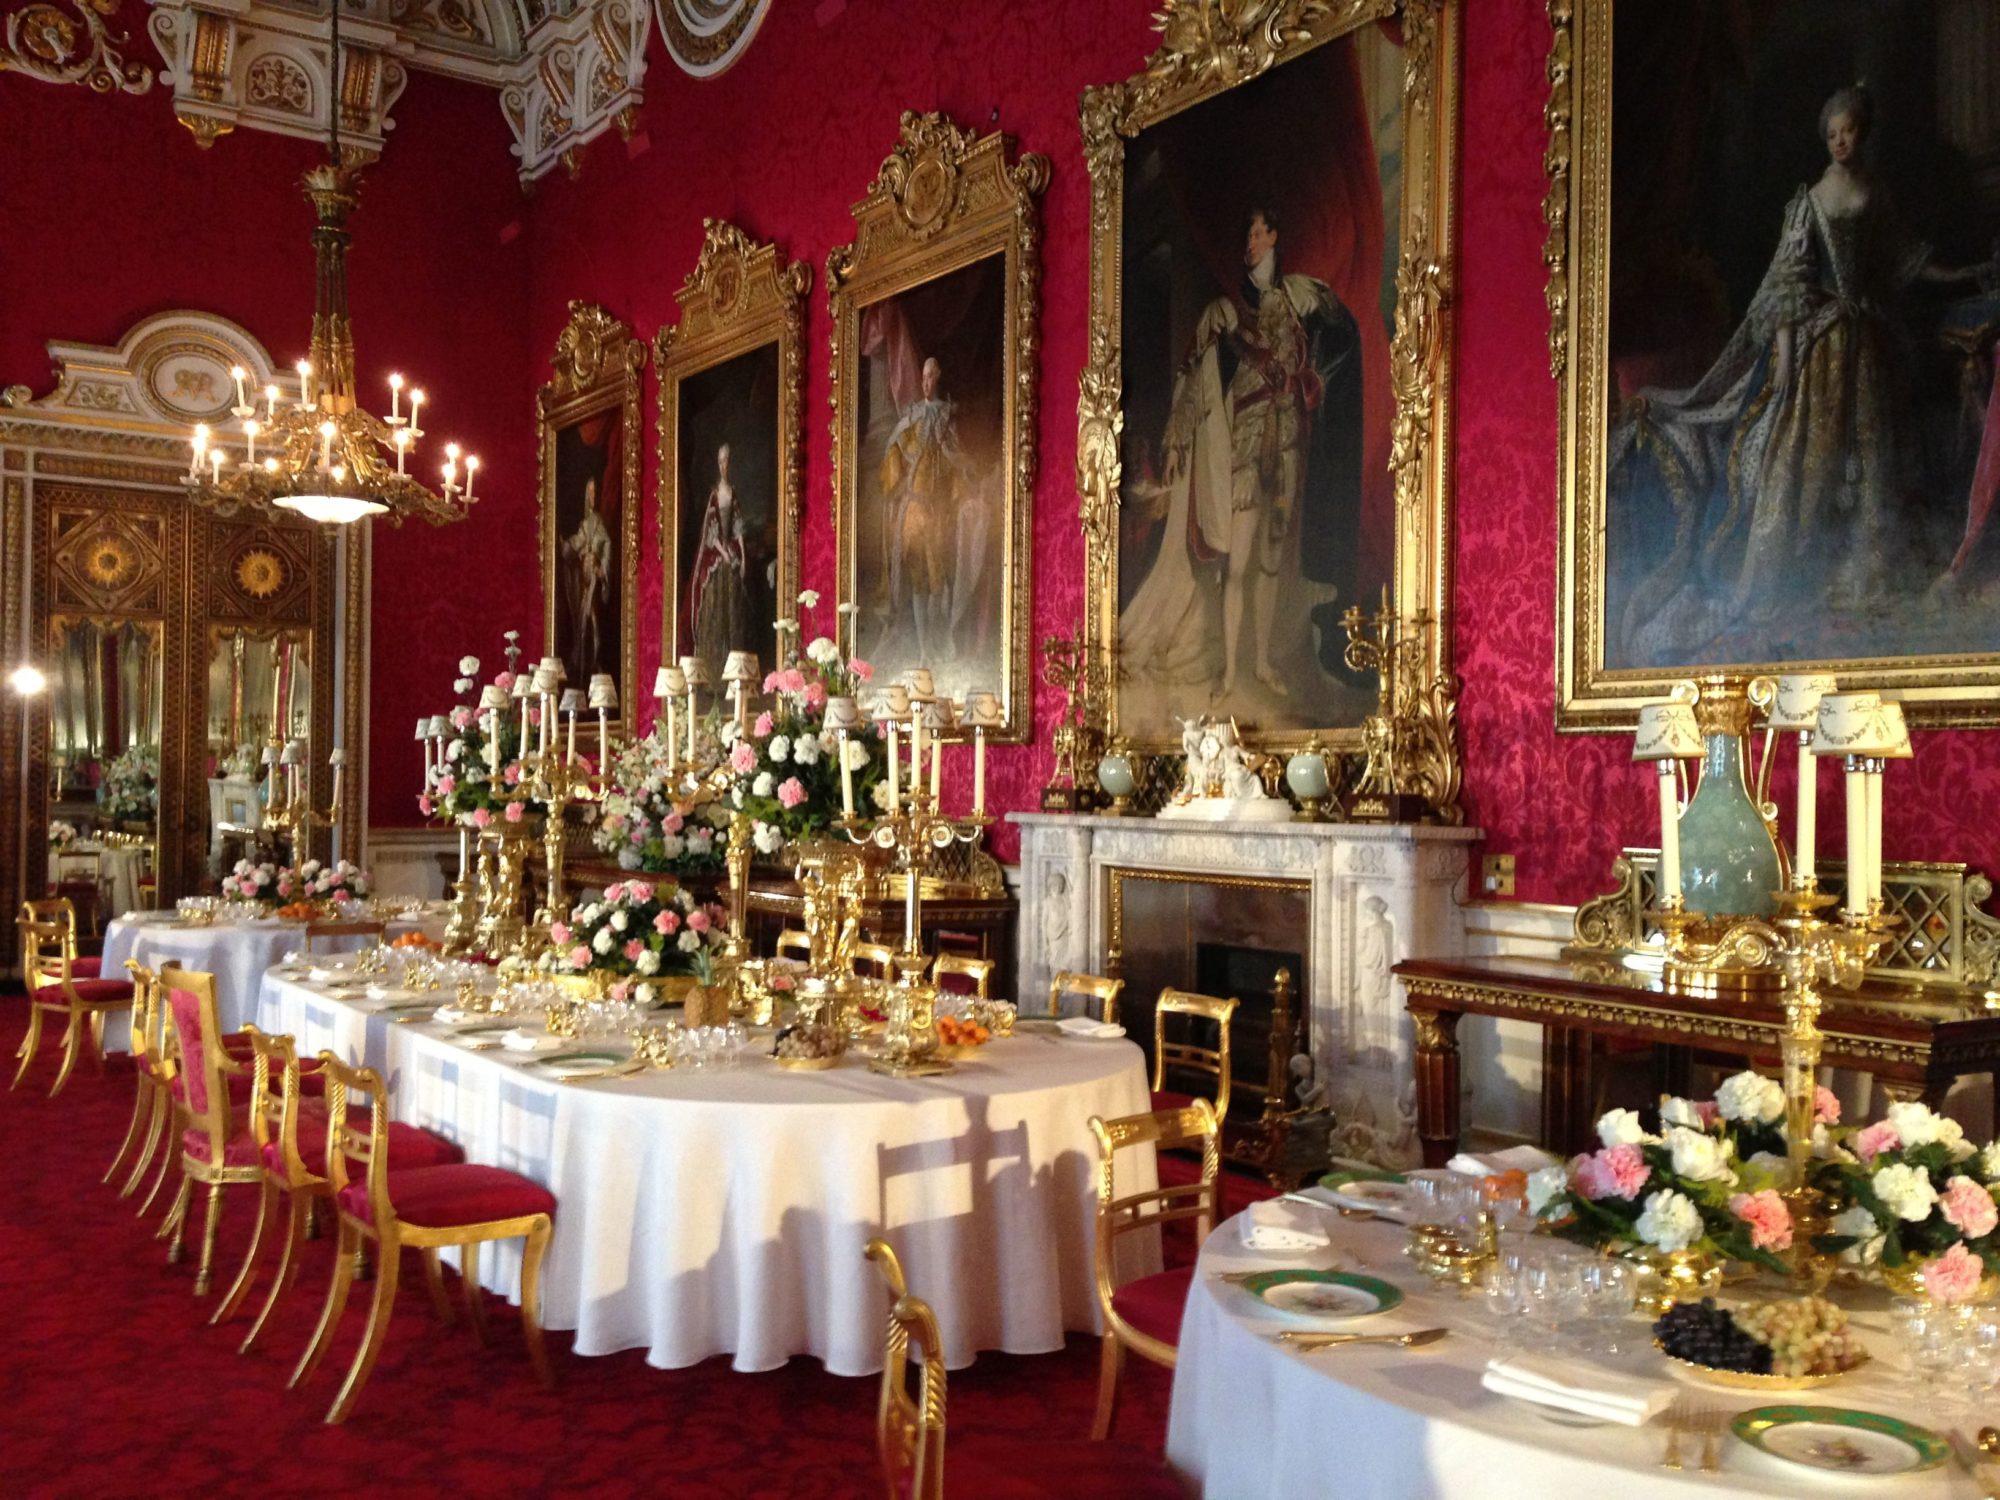 У Букінгемському палаці горітимуть українські свічки -  - c4efc28194baa105cd6c945ffc7854f9 2000x1500